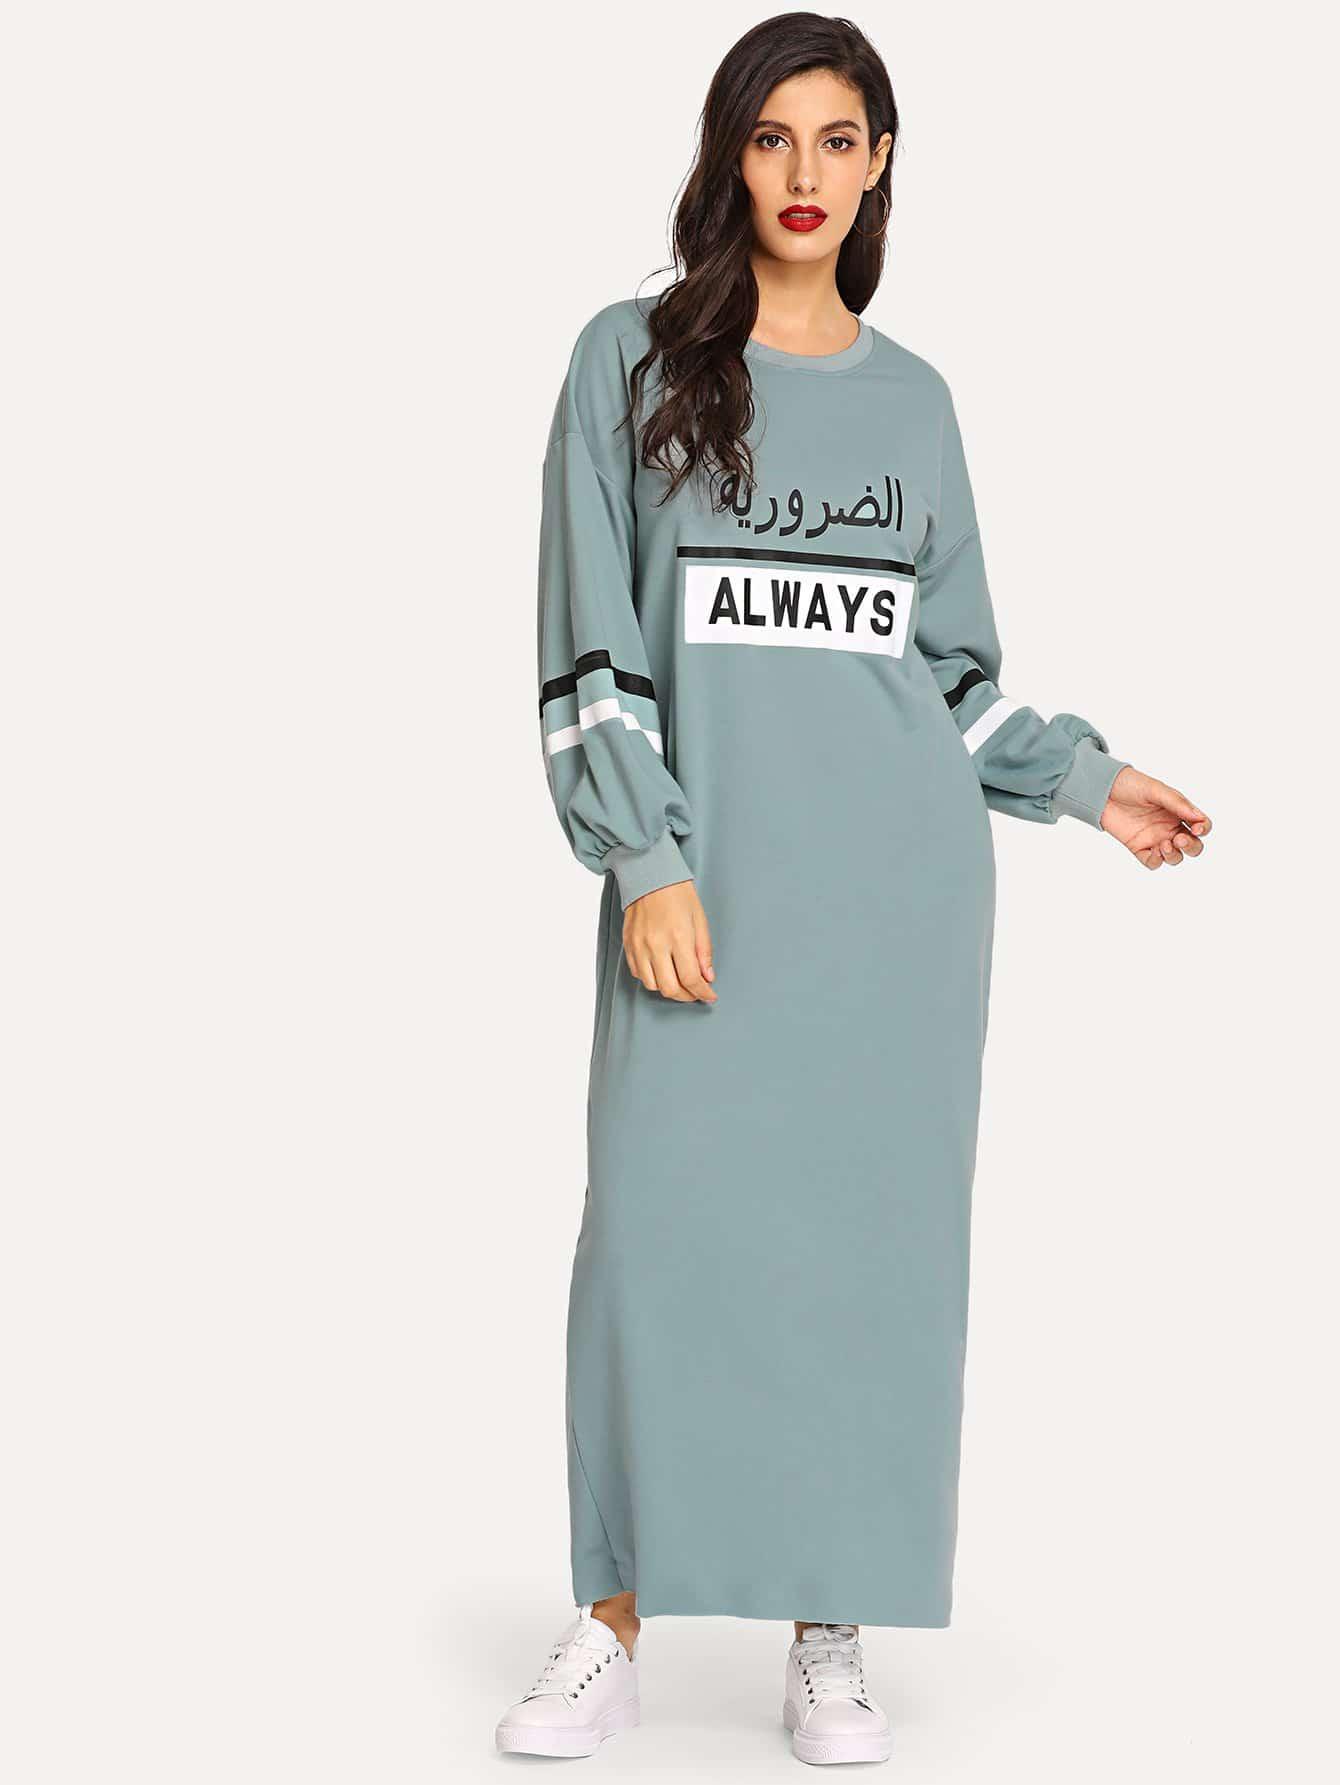 Купить Длинное платье с текстовым принтом, Jeane, SheIn